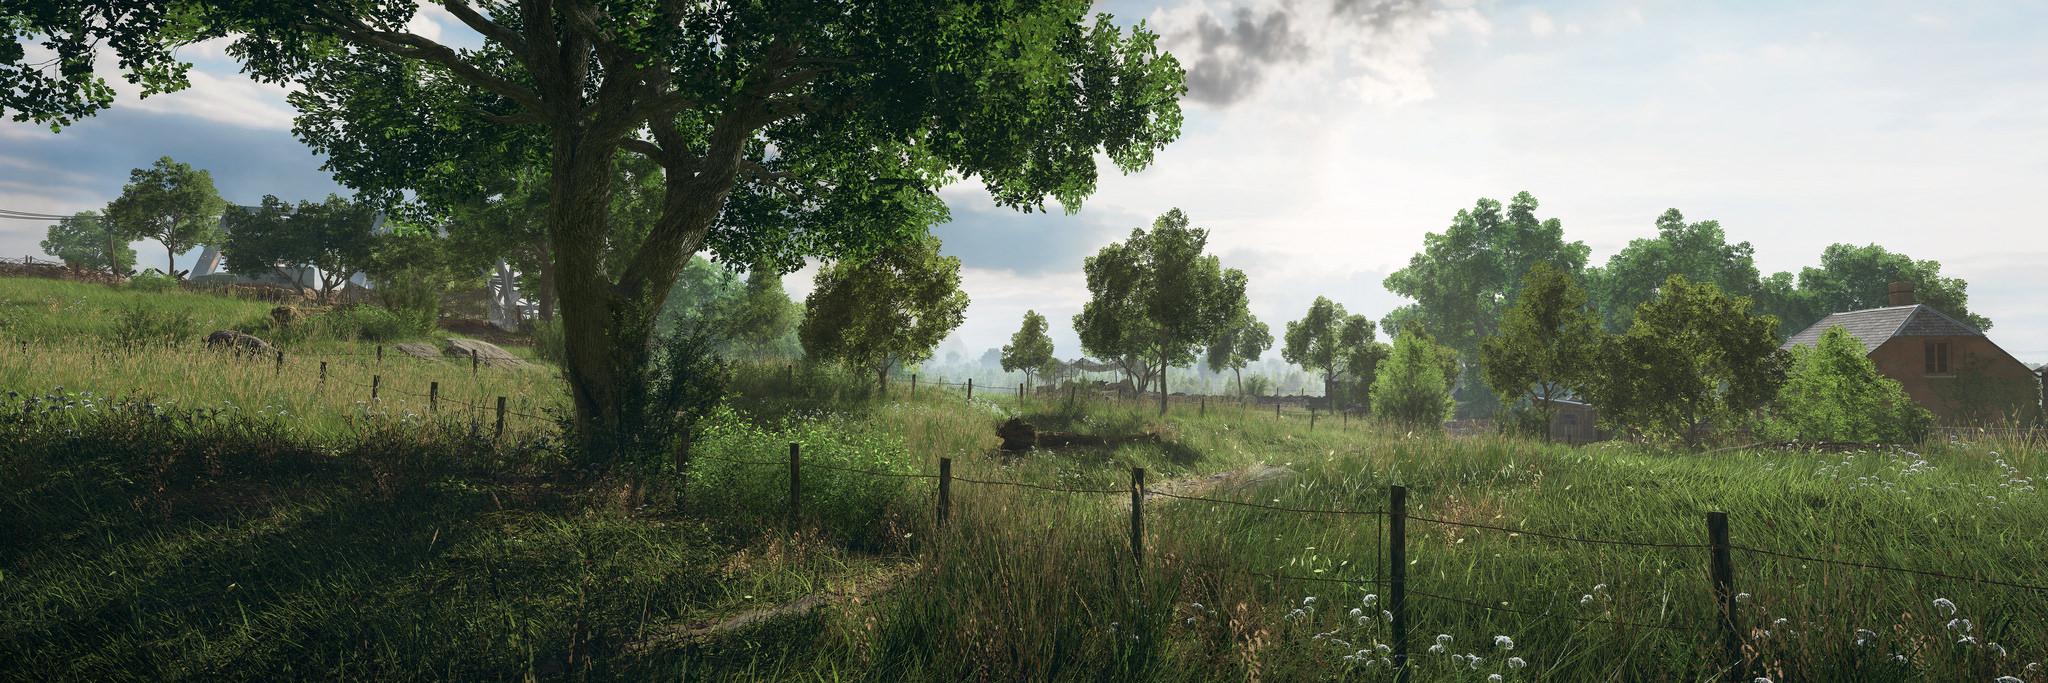 DICE來送桌佈瞭!《戰地風雲5》驚艷藝術圖和新截圖發佈